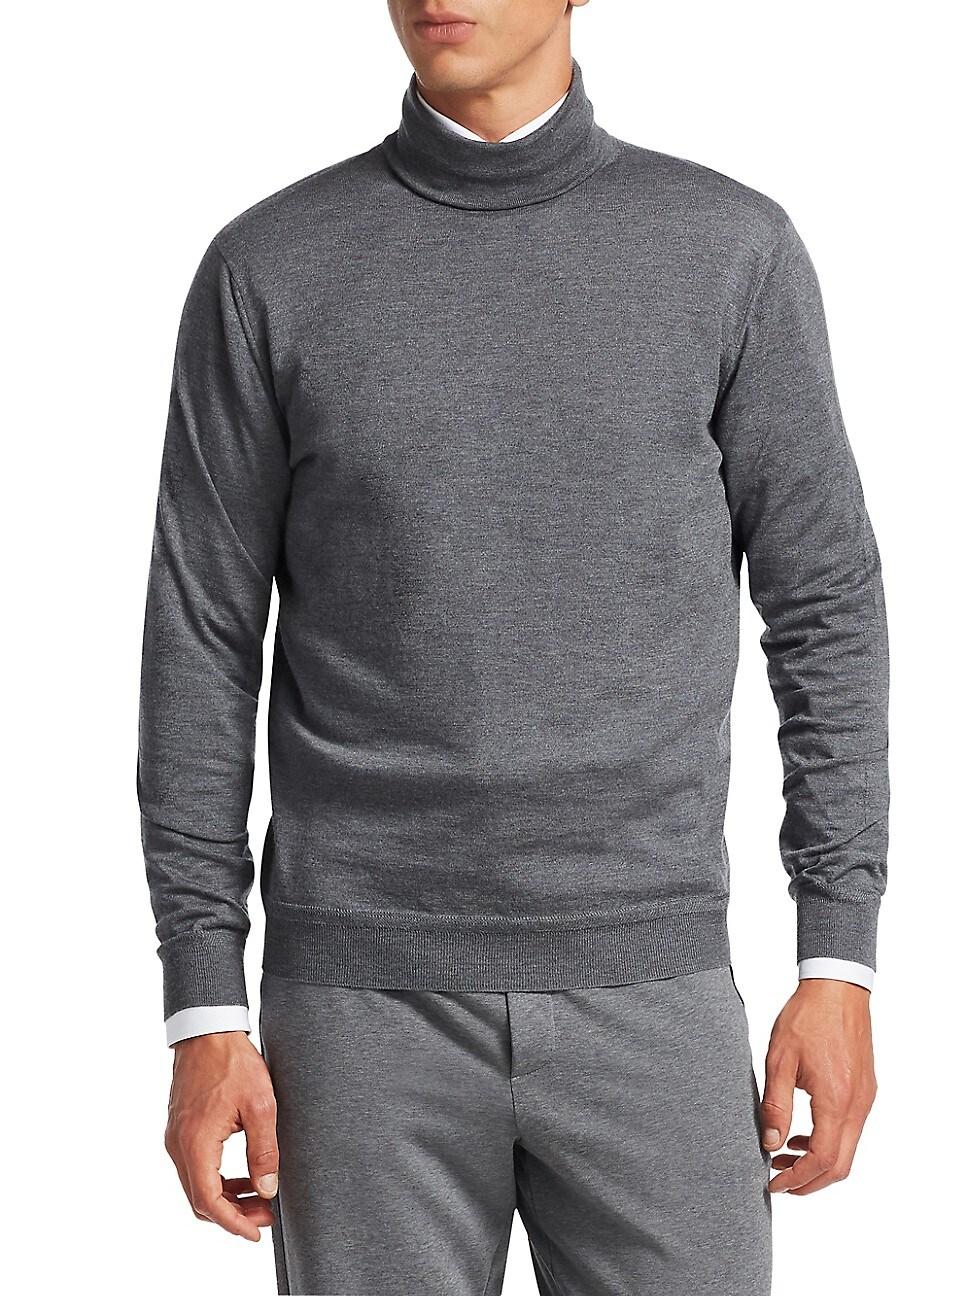 Ermenegildo Zegna Men's Storm Cashmere Turtleneck Sweater In Grey